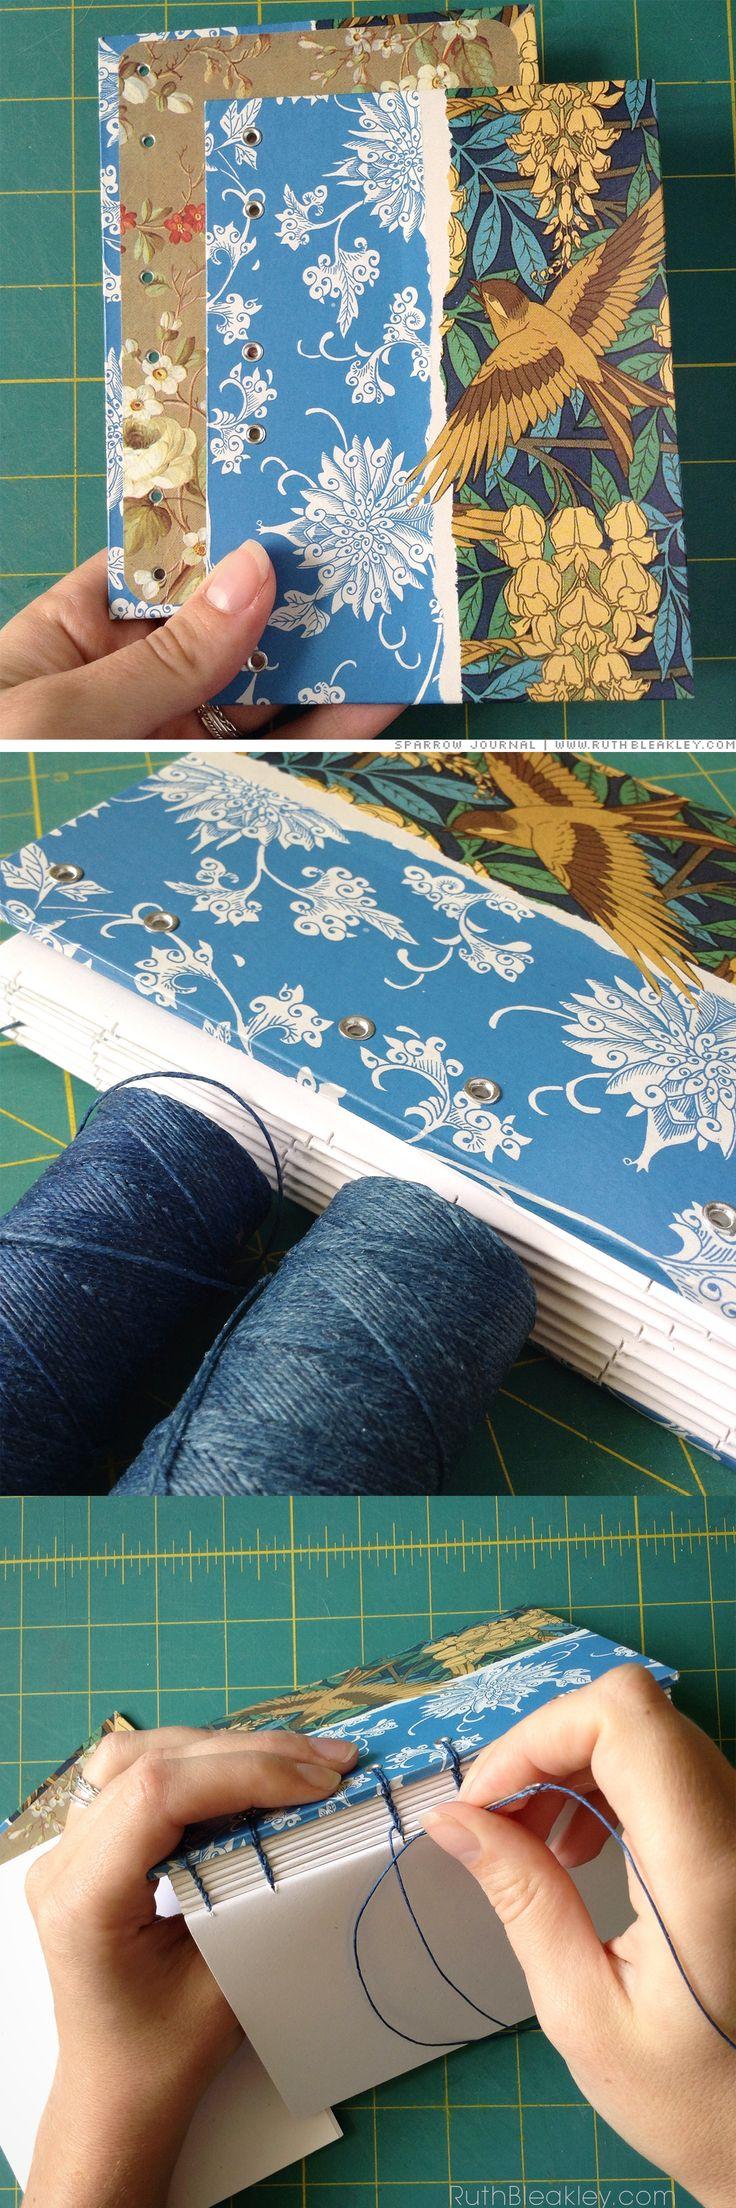 Fotografías del proceso de encuadernación por Ruth Bleakley - Art Nouveau Sparrow Journal process pics by bookbinder Ruth Bleakley Más